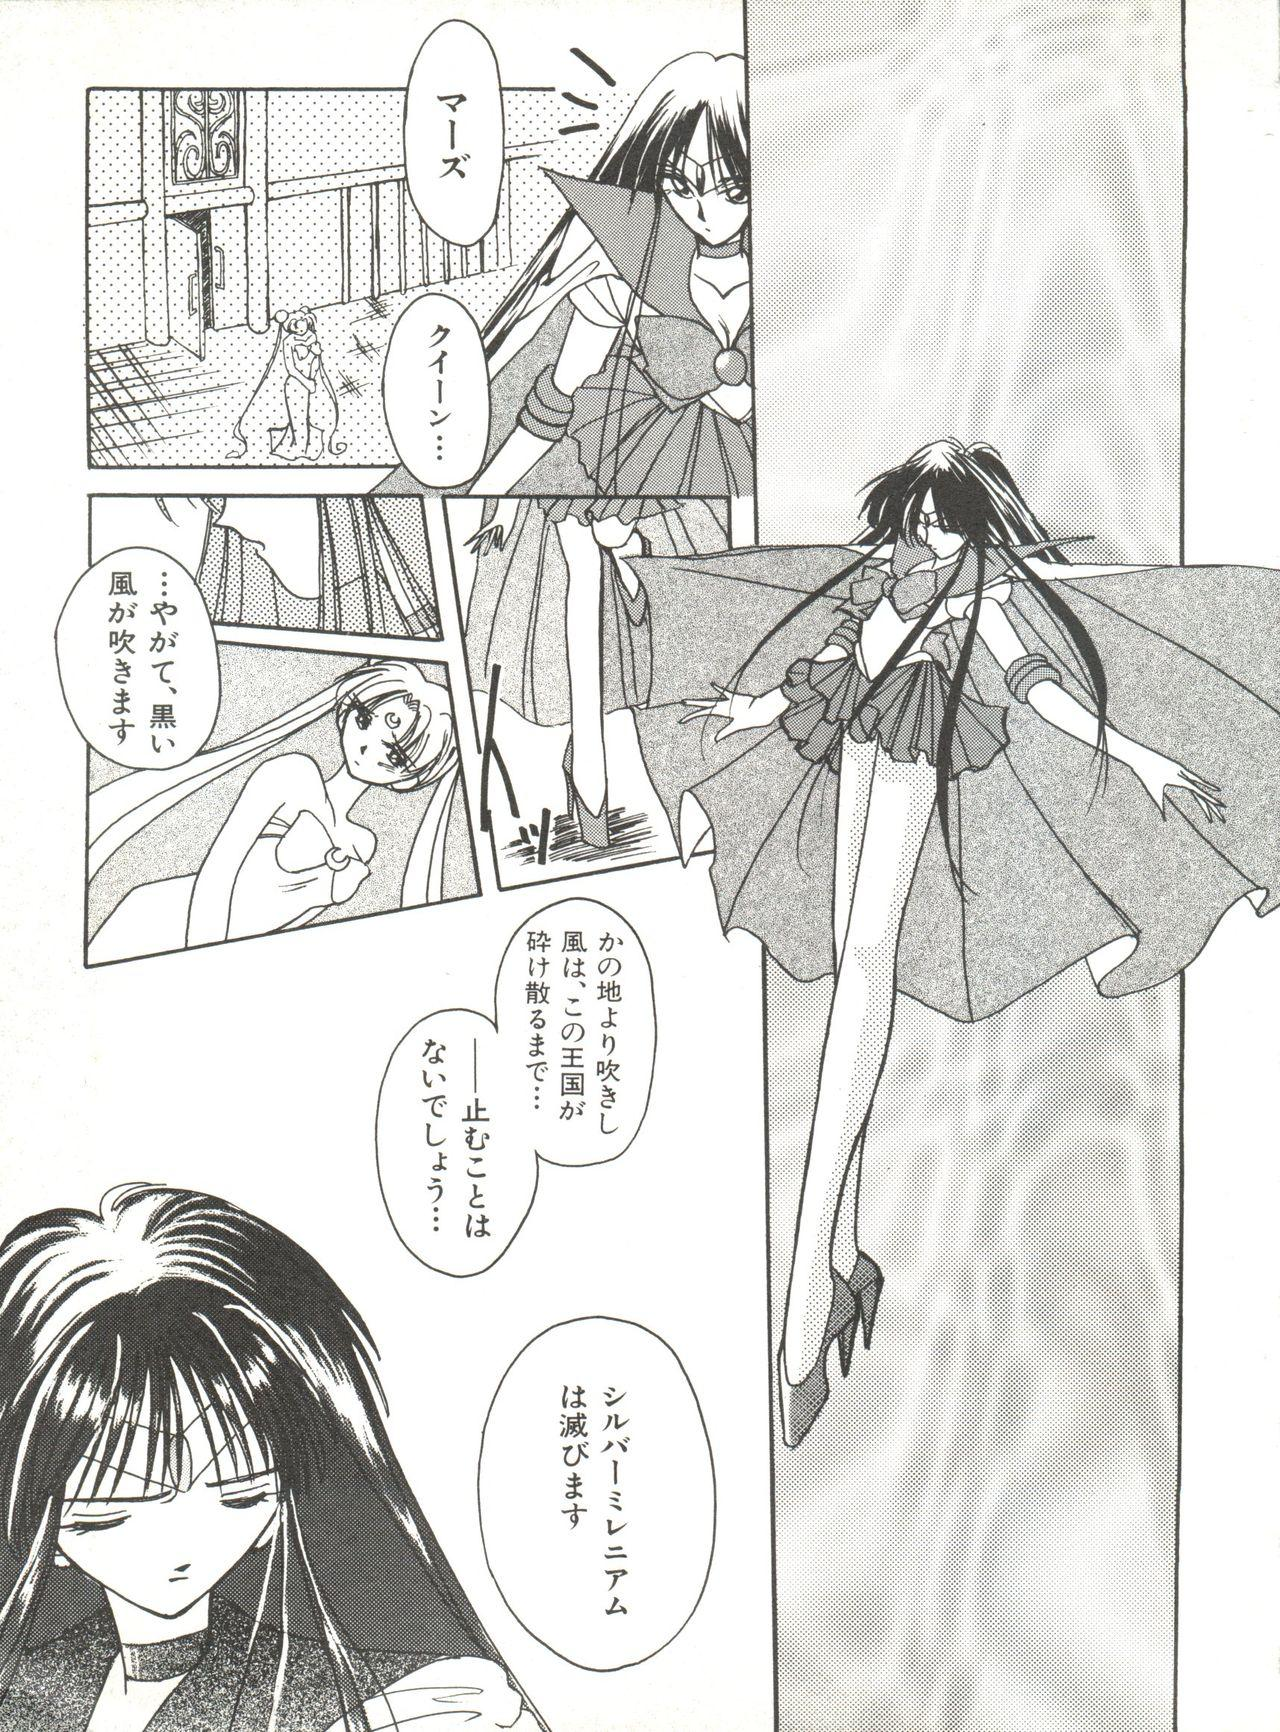 Bishoujo Doujinshi Anthology 12 - Moon Paradise 7 Tsuki no Rakuen 55